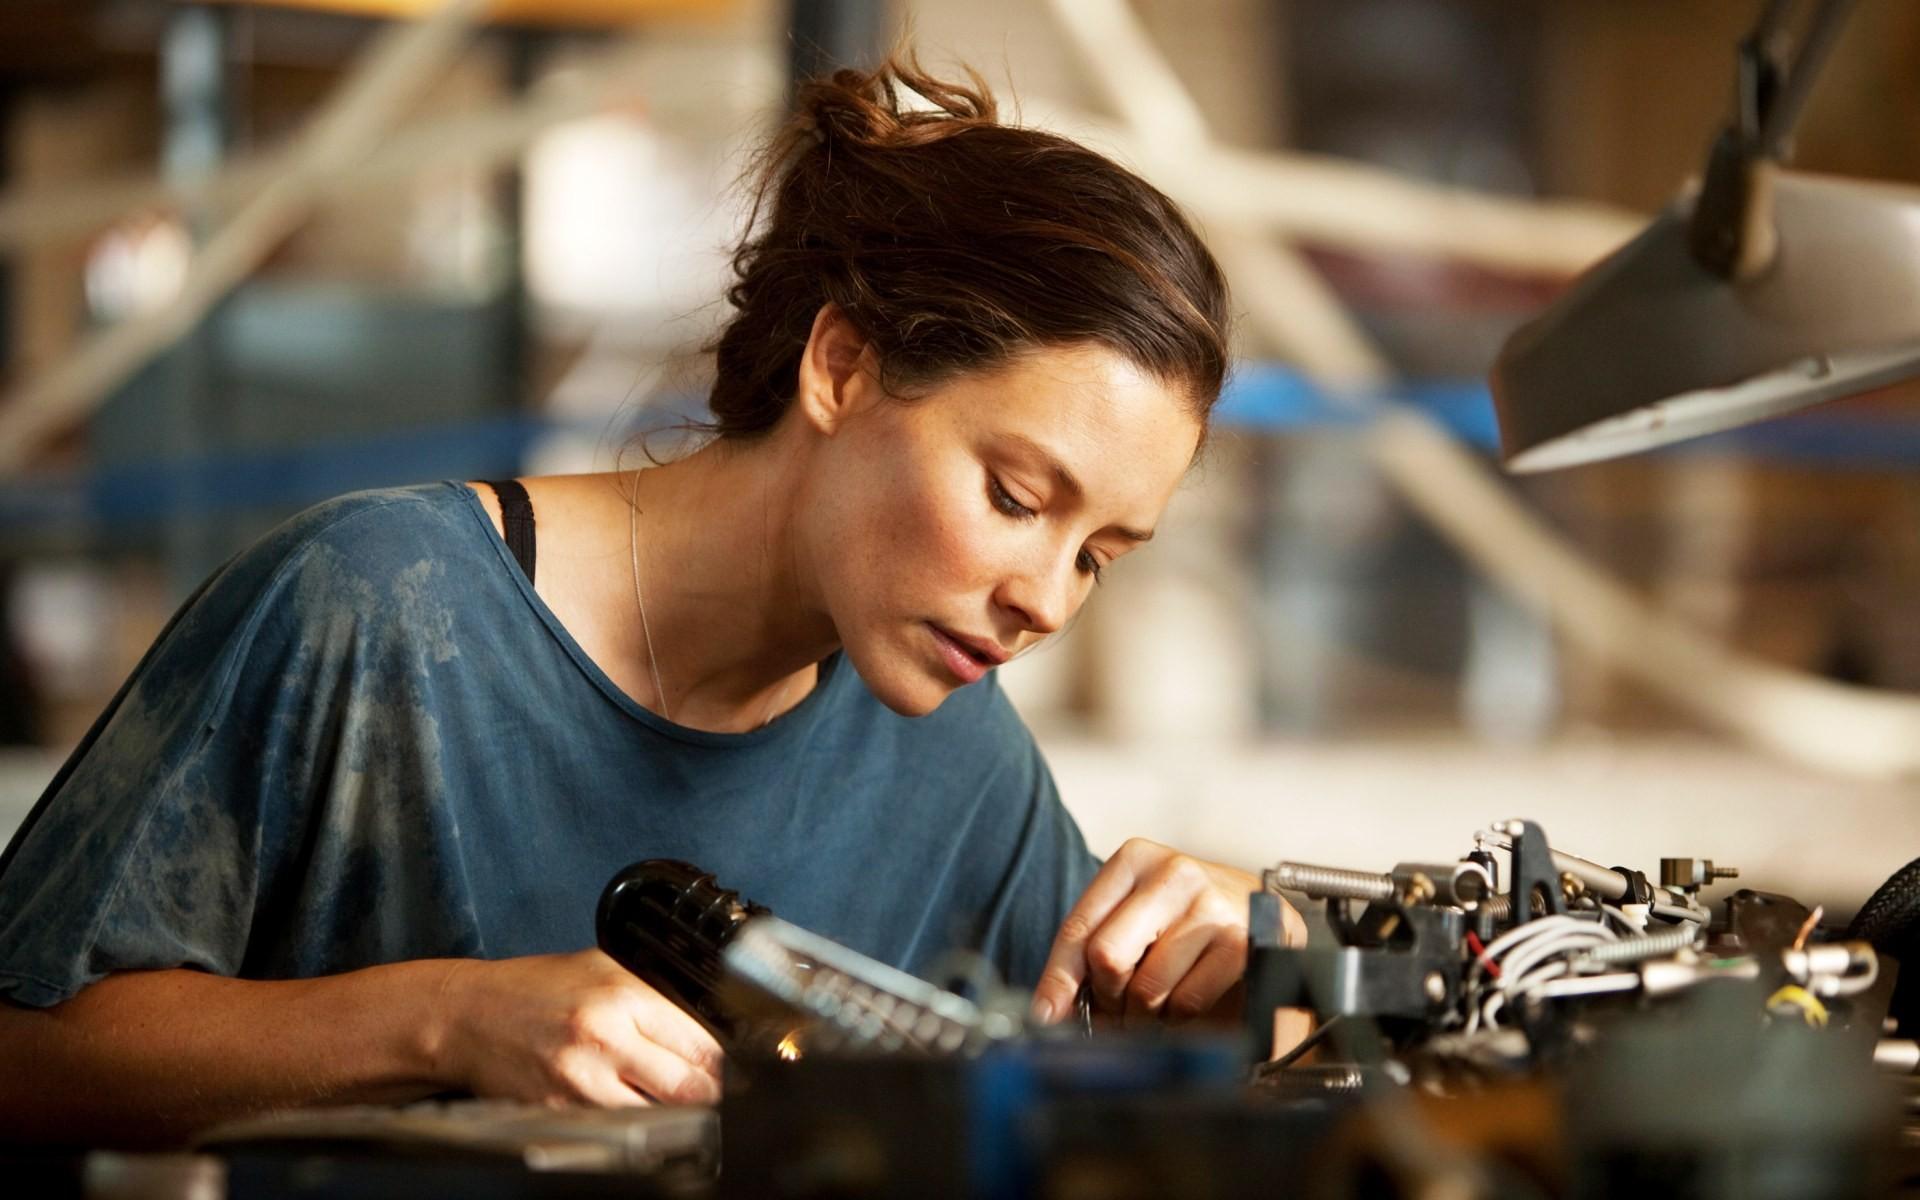 普通铣削加工采用低的进给速度和大的切削参数,而高速铣削加工则采用高的进给速度和小的切削参数